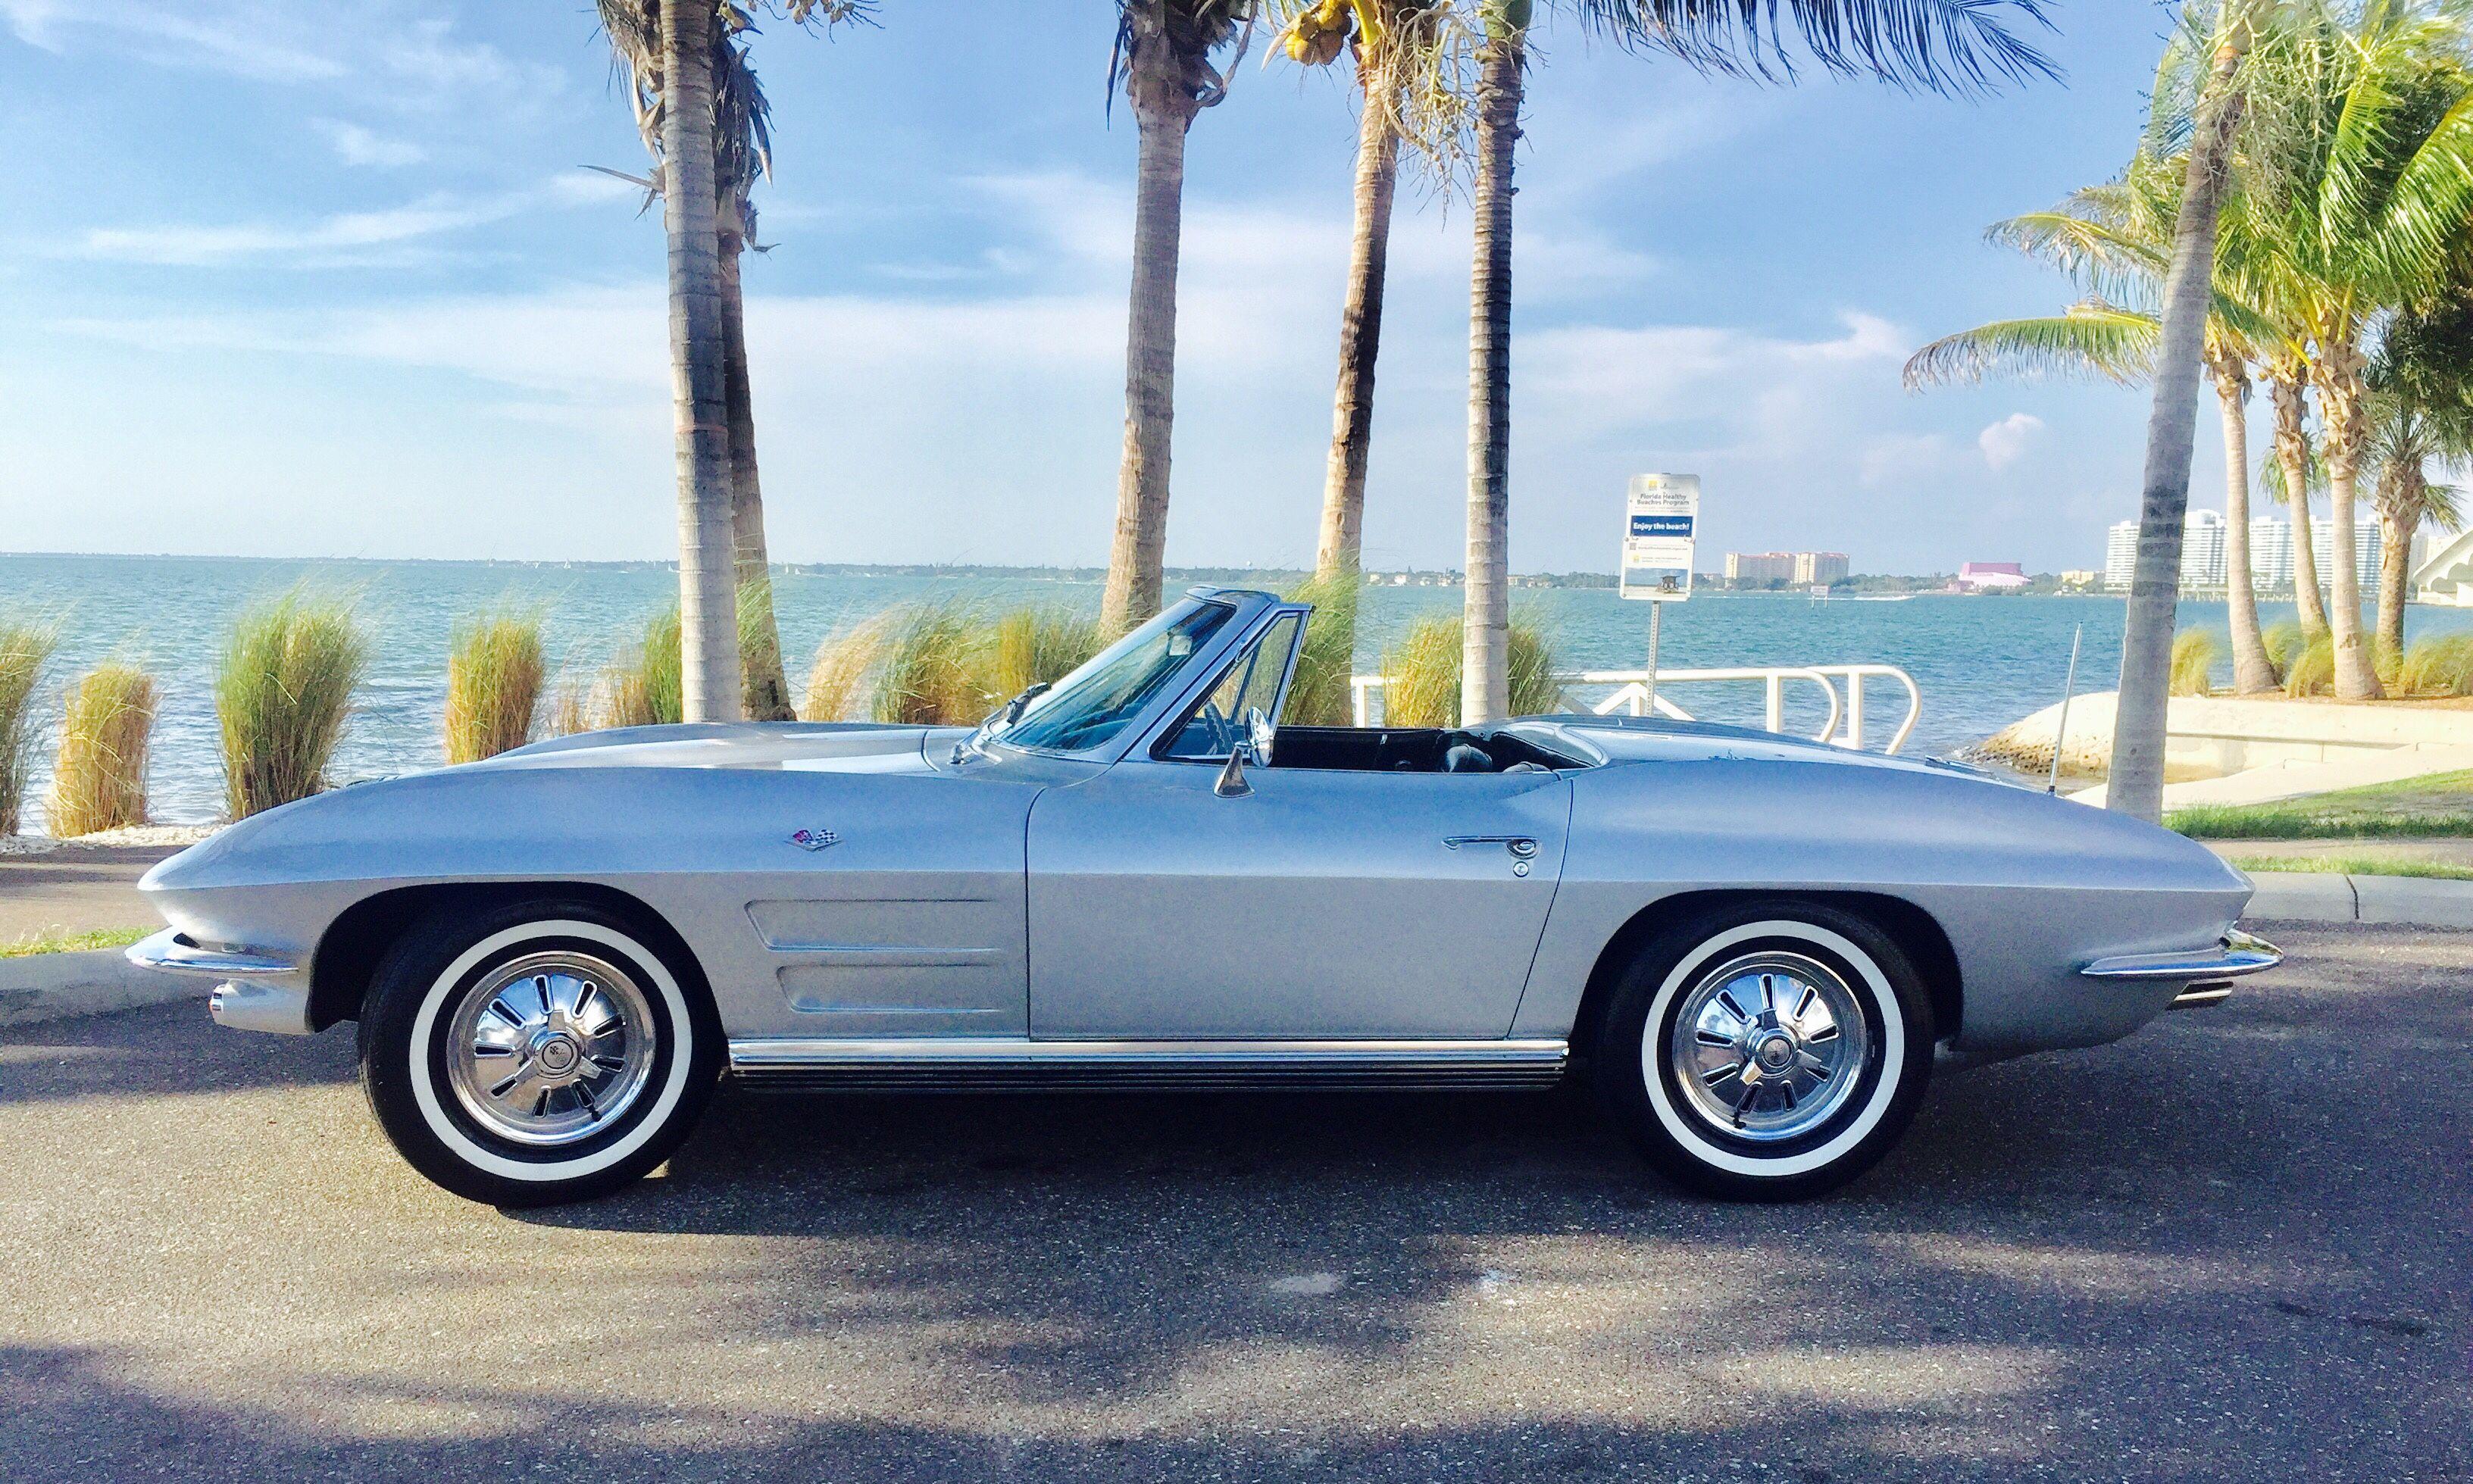 Chevrolet Corvette 1964 Rental Alternative In Sarasota Fl By